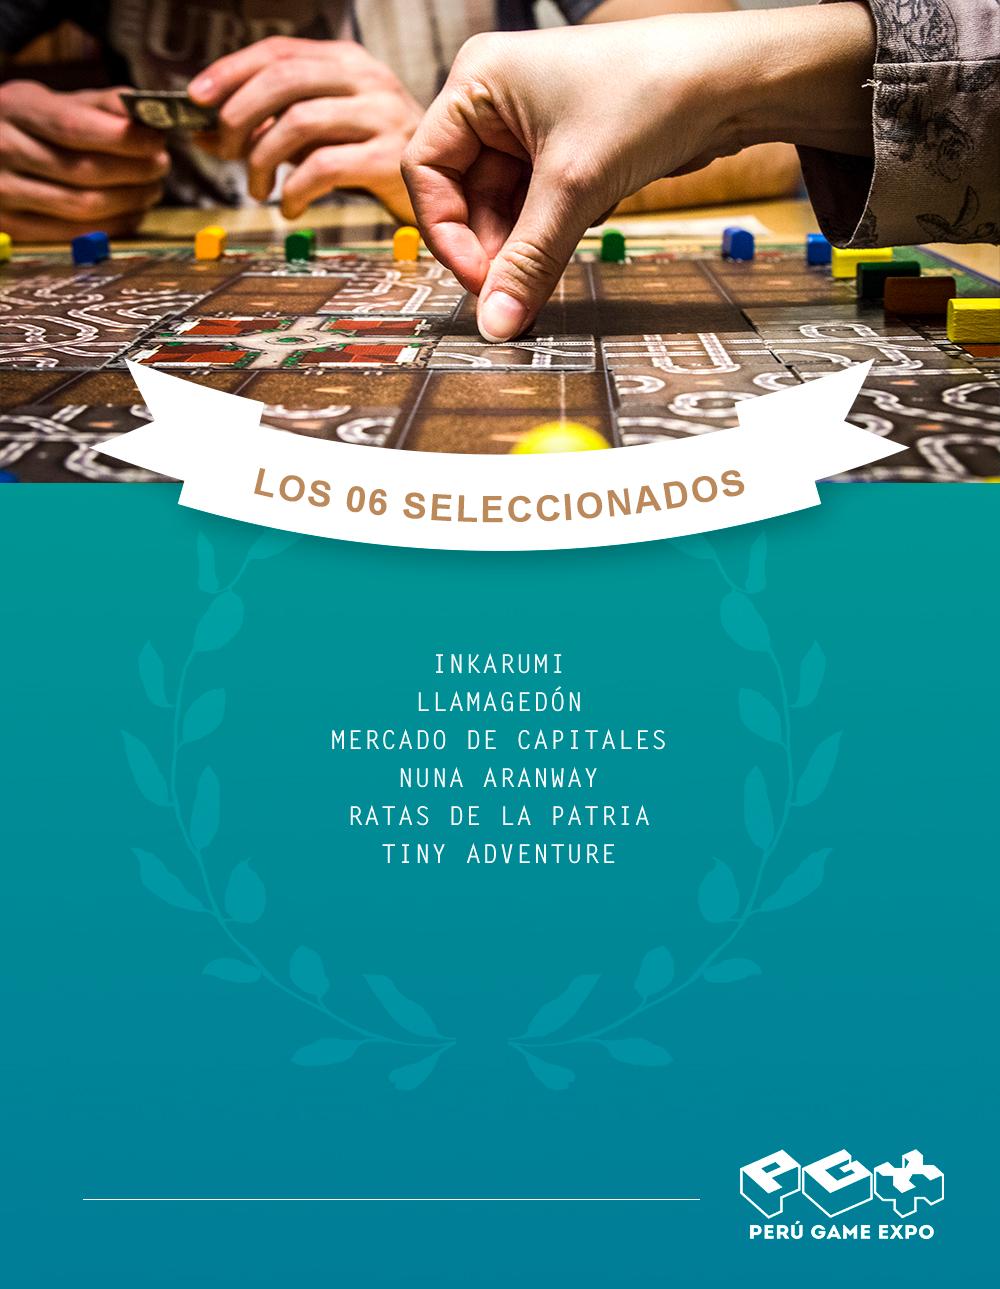 Peru Game expo juegos 2